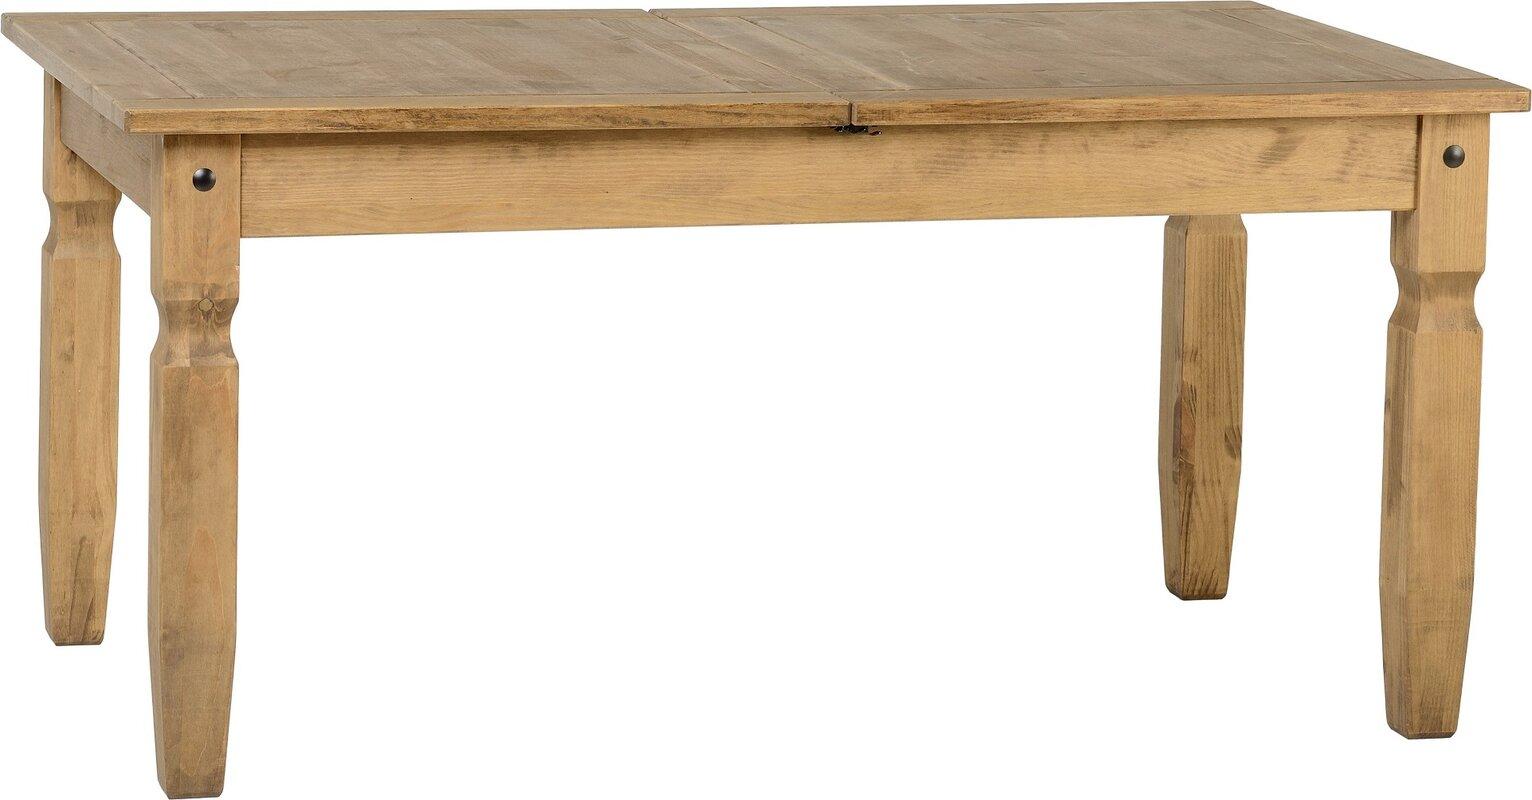 M hlenhaus ausziehbarer esstisch corona bewertungen for Esstisch 3 00 m